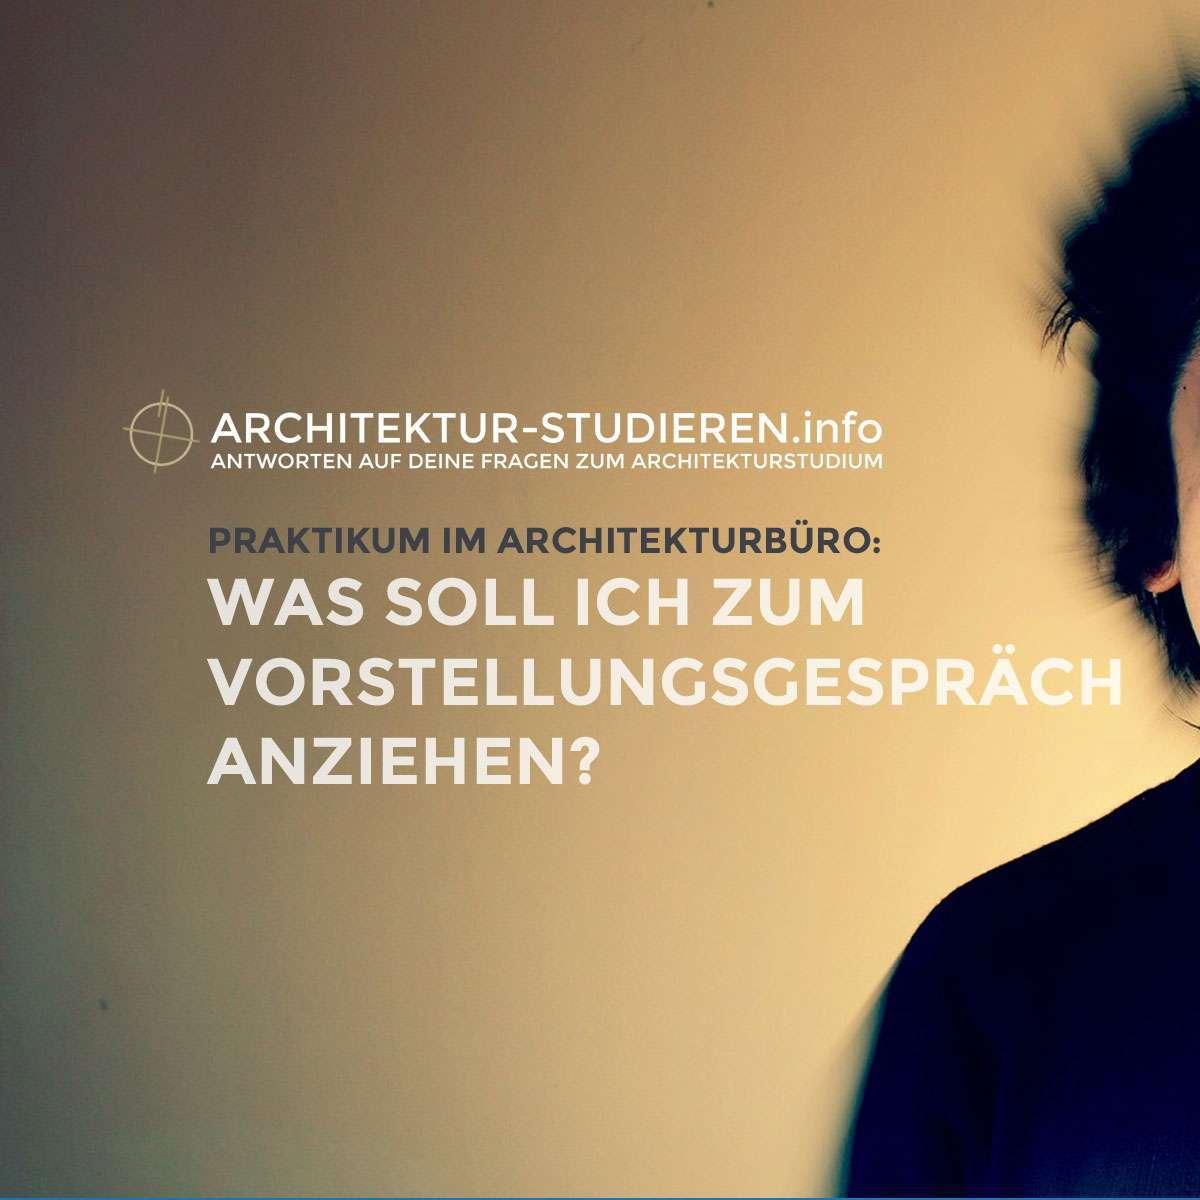 Praktikum im Architekturbüro: Was soll ich zum Vorstellungsgespräch anziehen?   © Architektur-studieren.info